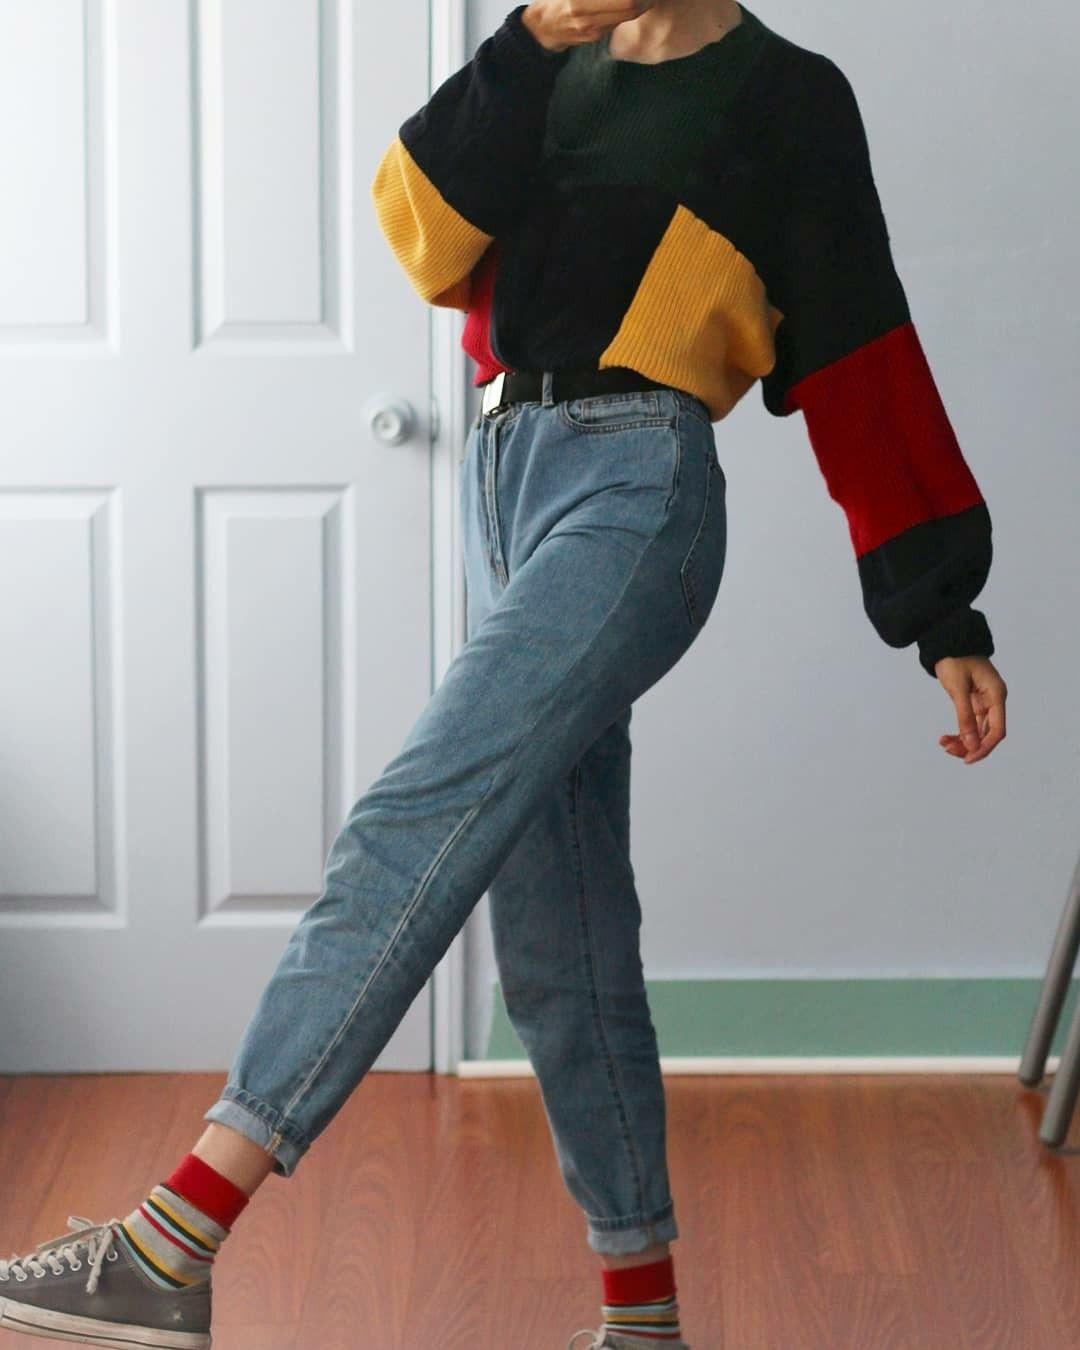 Pinterest Sadwhore Retro Outfits 90s Fashion Outfits Retro Fashion